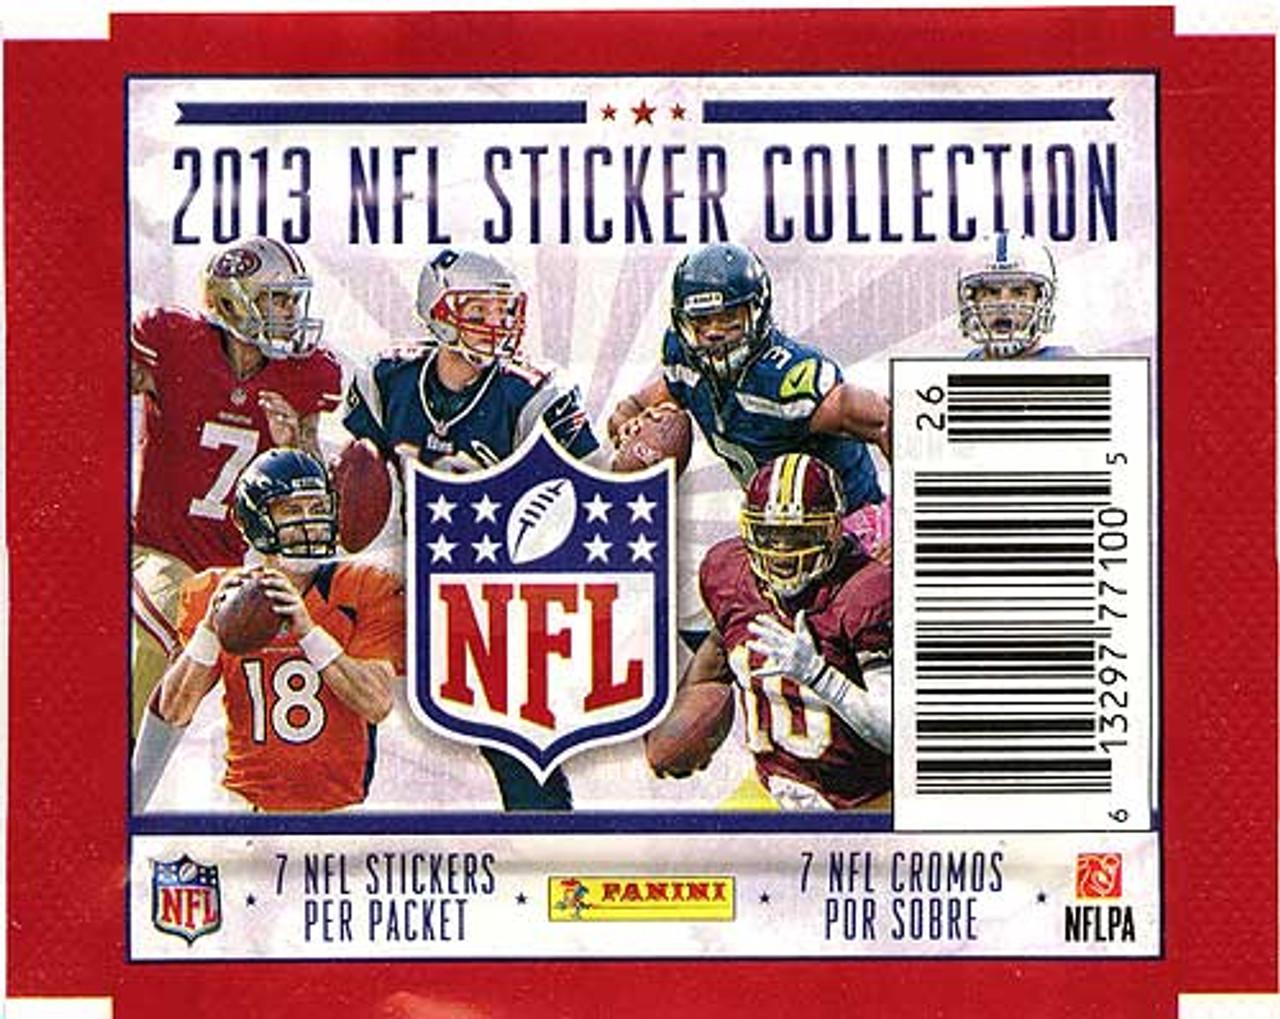 2013 NFL Sticker Collection Sticker Pack